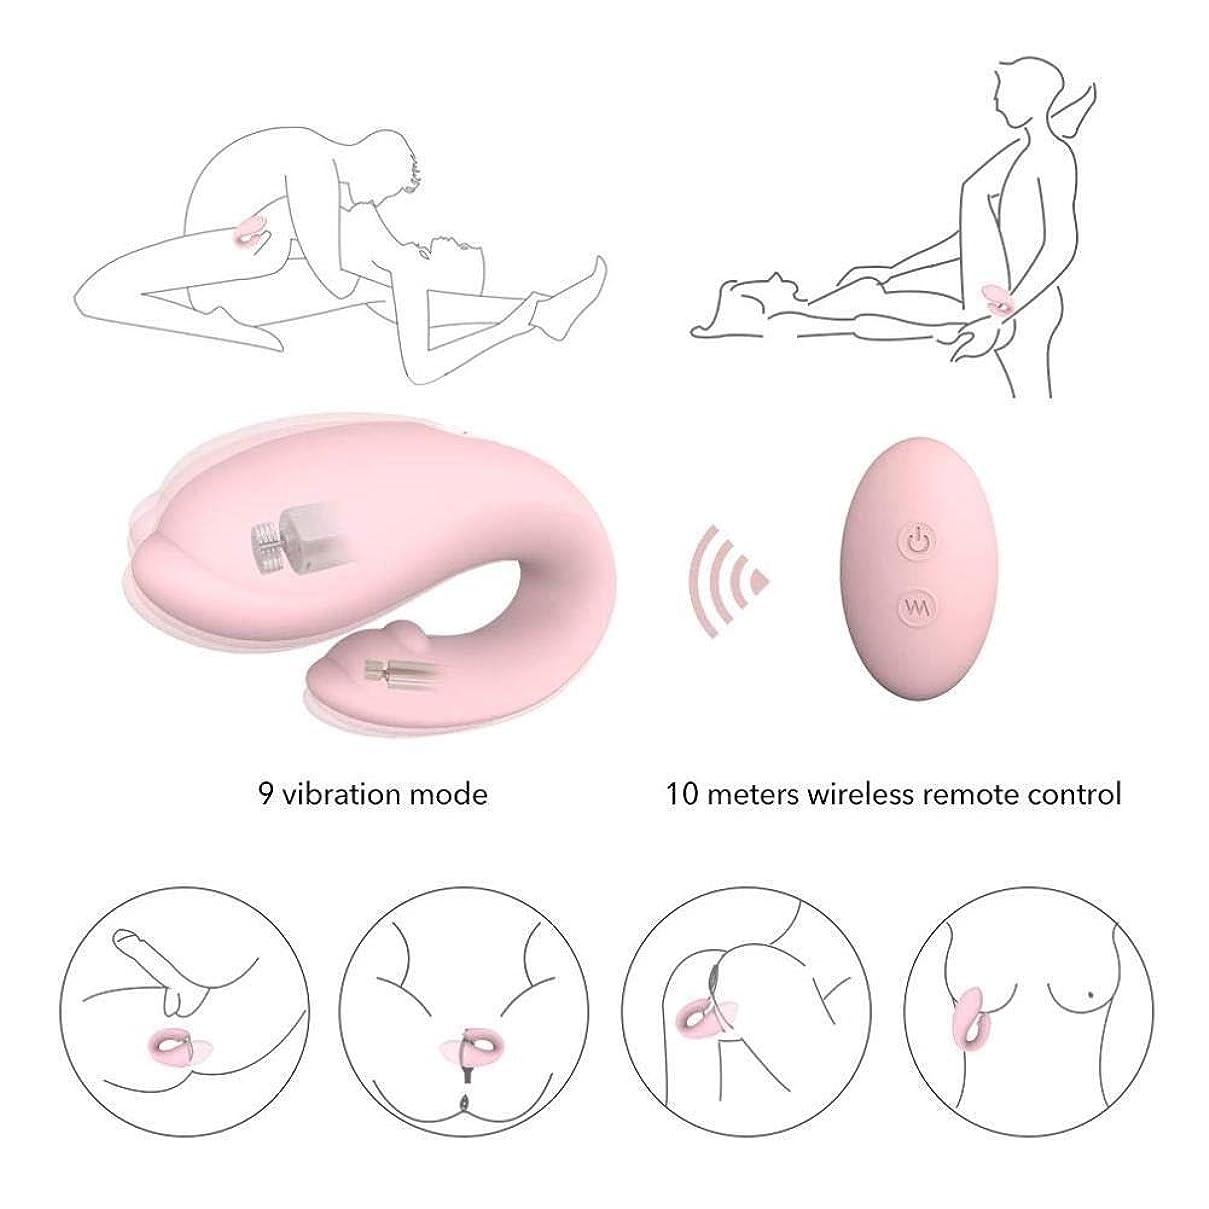 実質的に量パッチZeezm素敵なかわいい U字型9スピードバイブレーター女性用USB充電式G-Spotated模擬車椅子Adlutハッピートイカップル商品T-Shir 軽くて便利